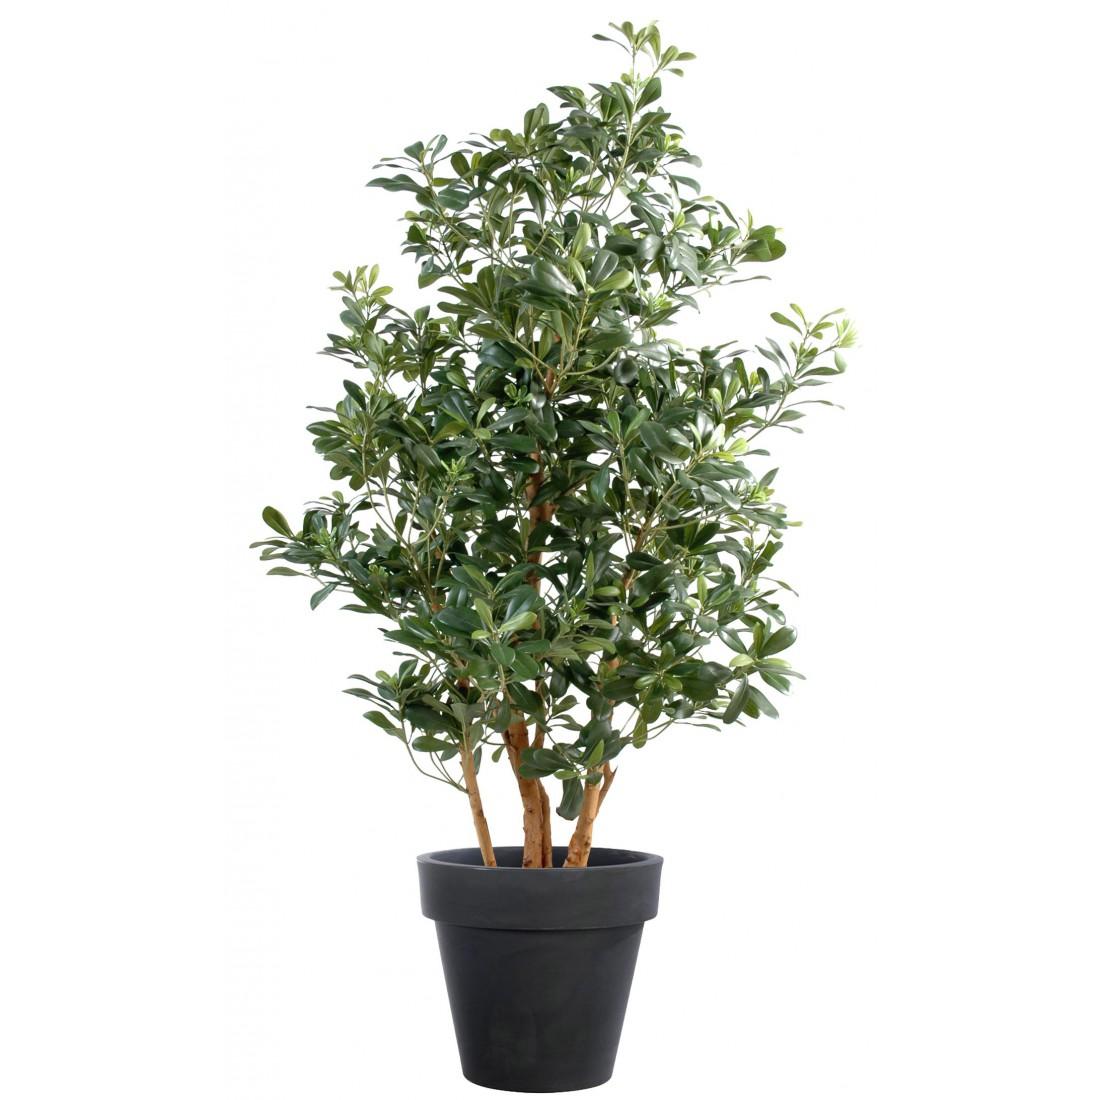 Plantes artificielles toutes les raisons de les for Plantes artificielles terrasse